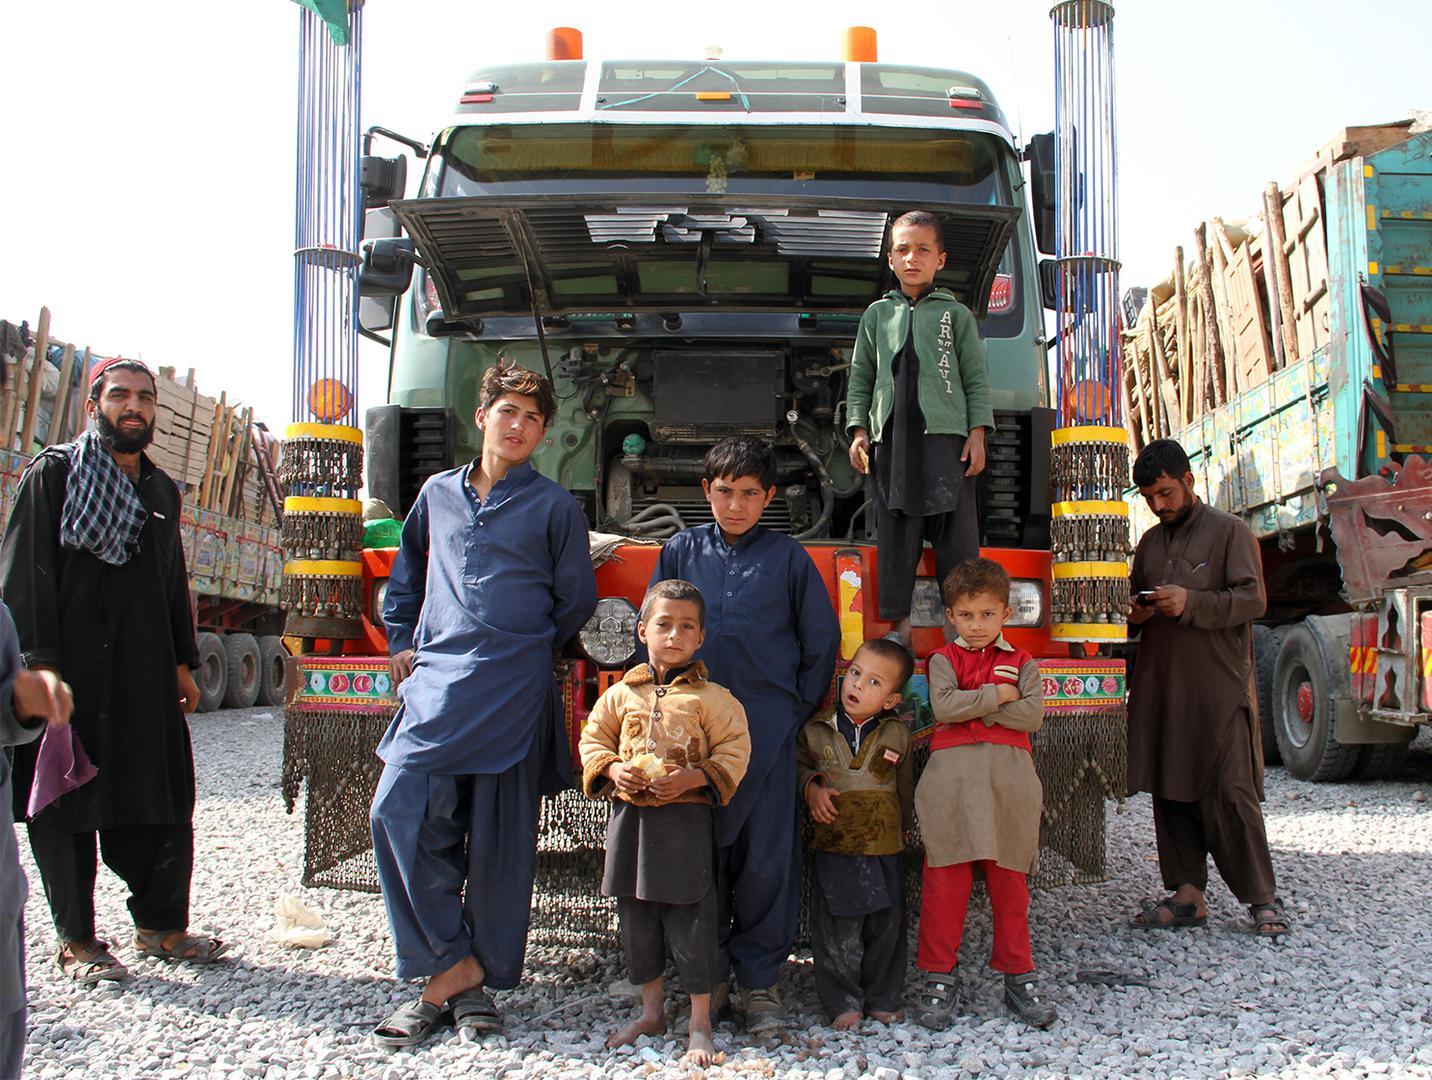 Eine afghanische Flüchtlingsfamilie, die Pakistan verlassen musste, vor einem gemieteten Lastwagen mit ihren Habseligkeiten, Oktober 2016.